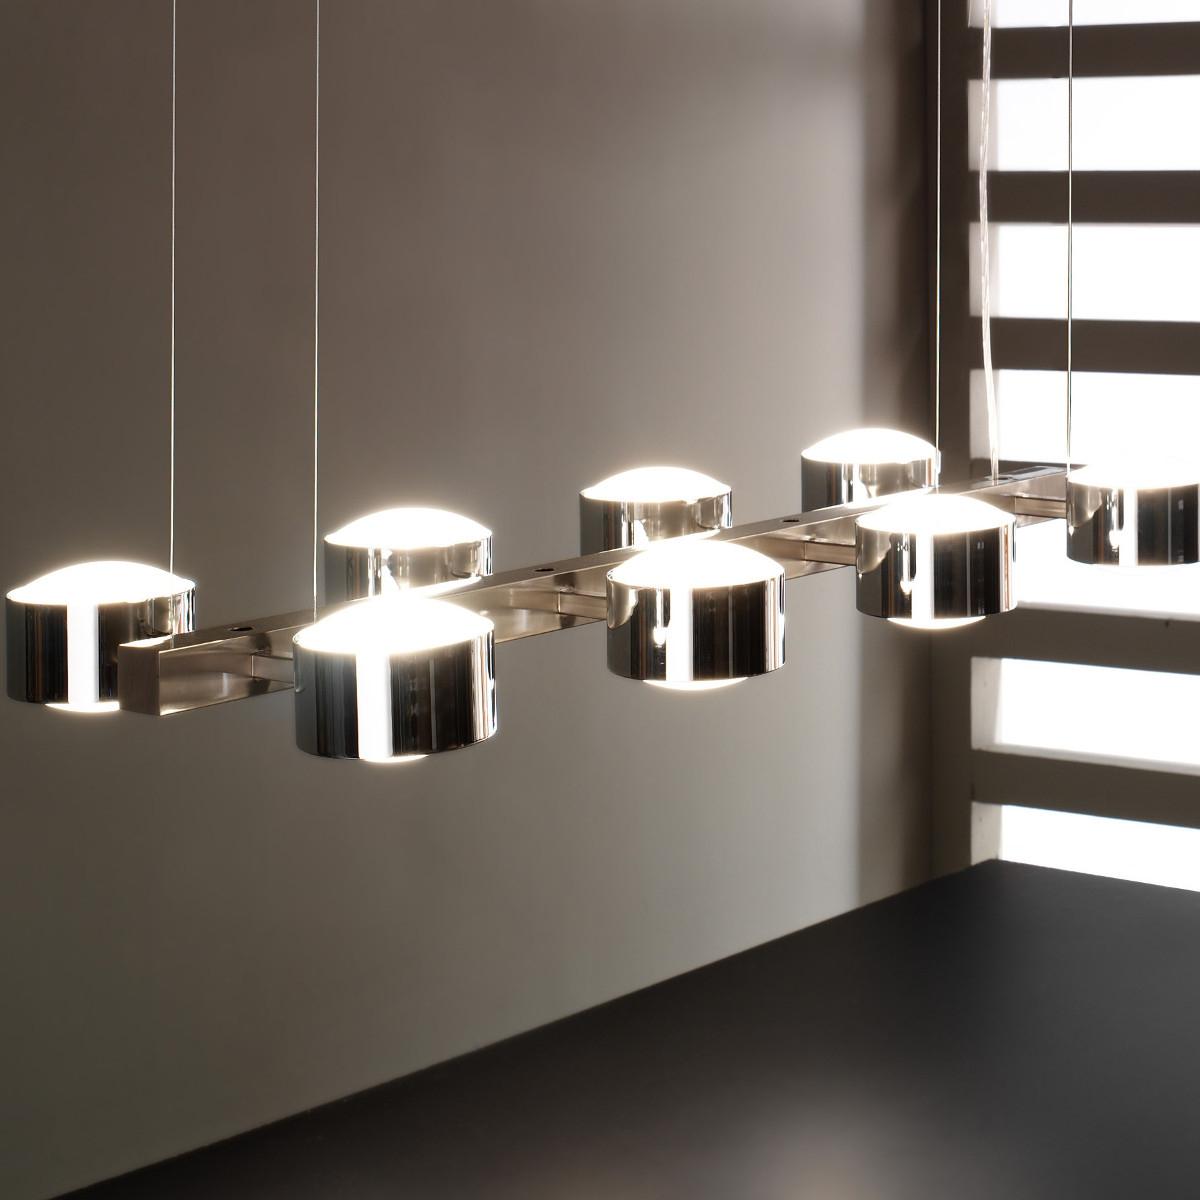 Moderne leuchten excellent m europischen stil kreative for Moderne leuchten wohnzimmer